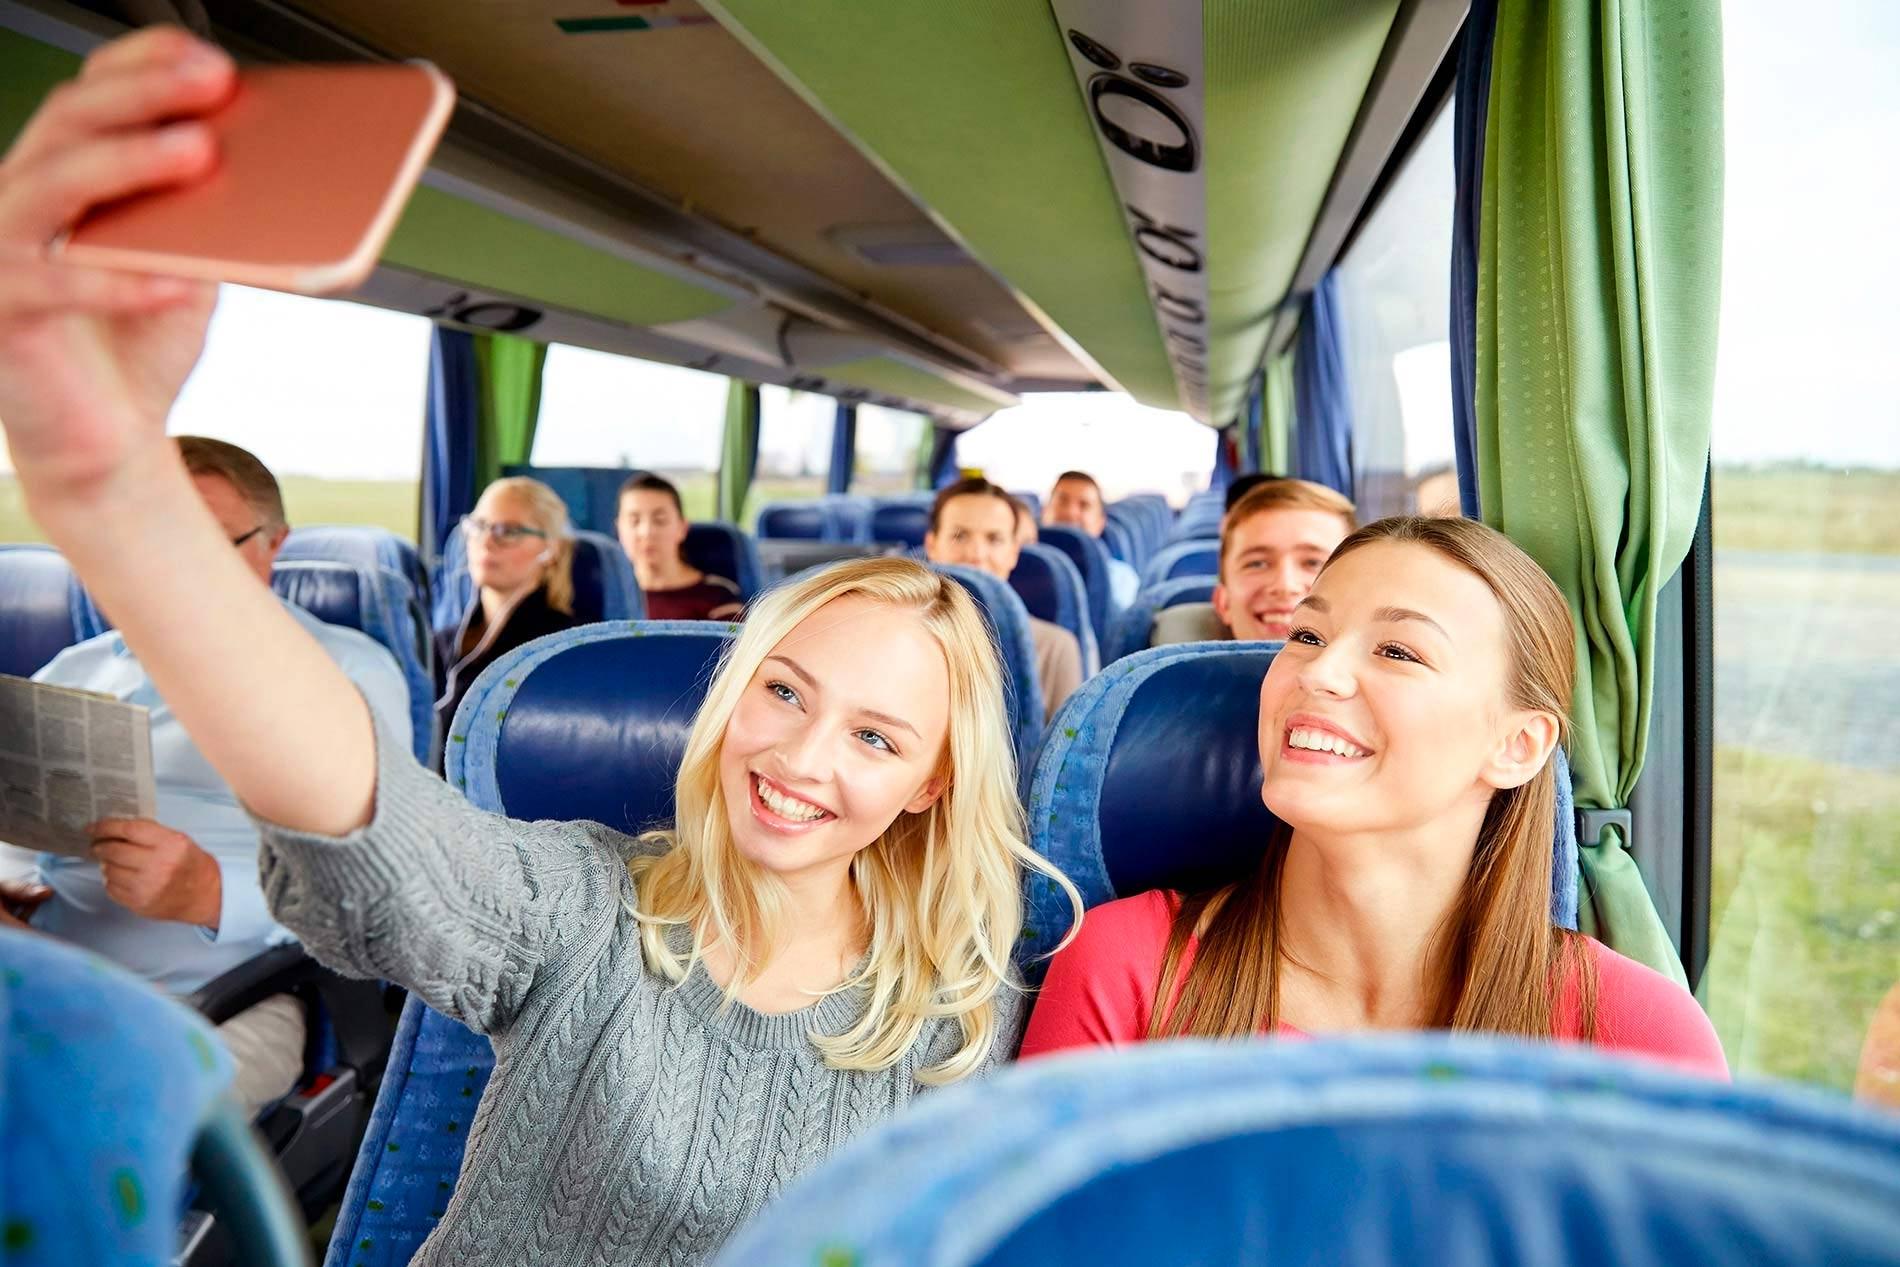 Hojo-Matkat Oy - Ryhmämatkat hoitaa Hojo-matkat Joensuusta